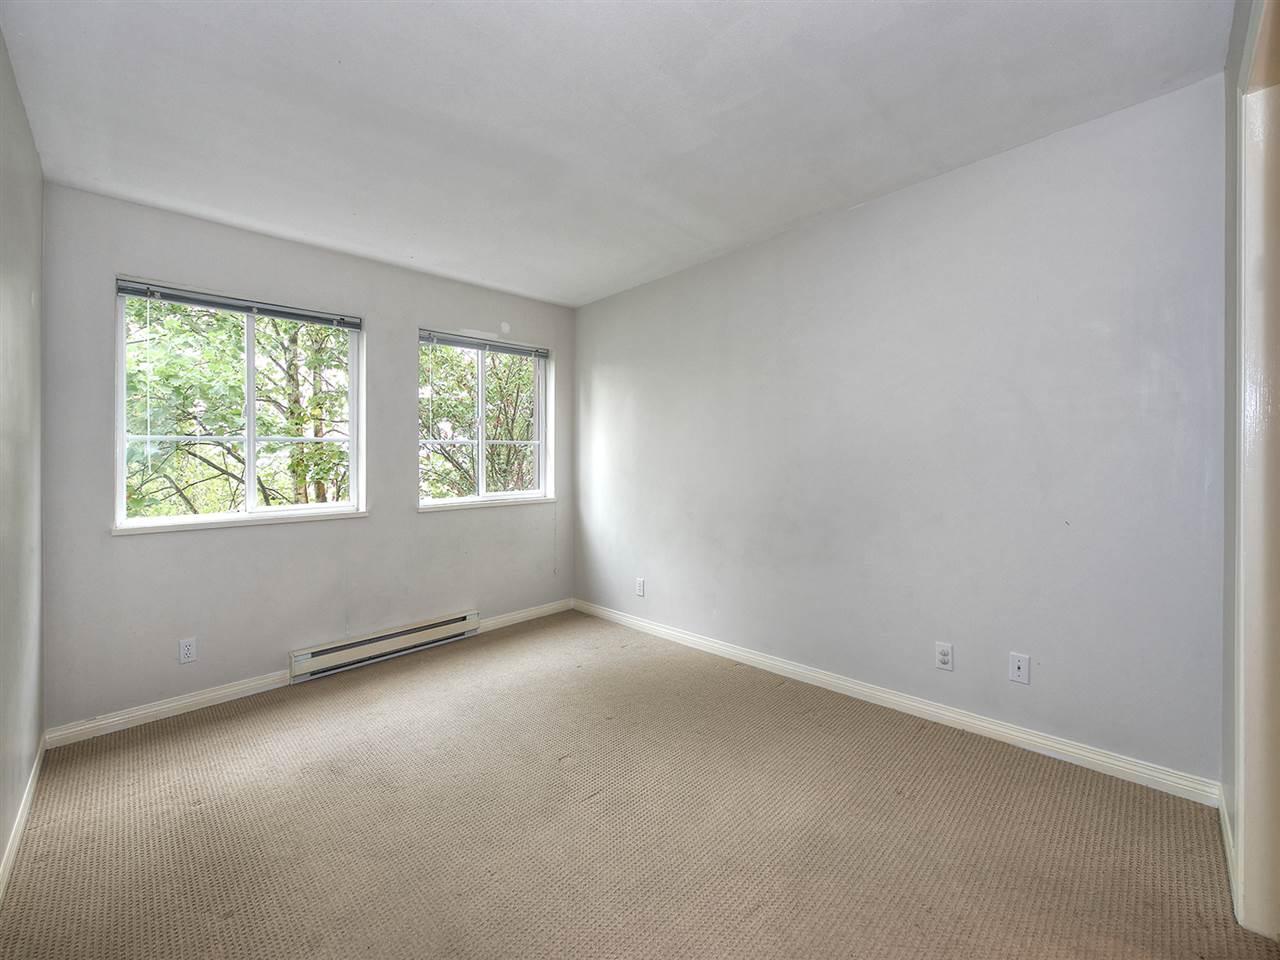 Condo Apartment at 203 4768 53 STREET, Unit 203, Ladner, British Columbia. Image 11